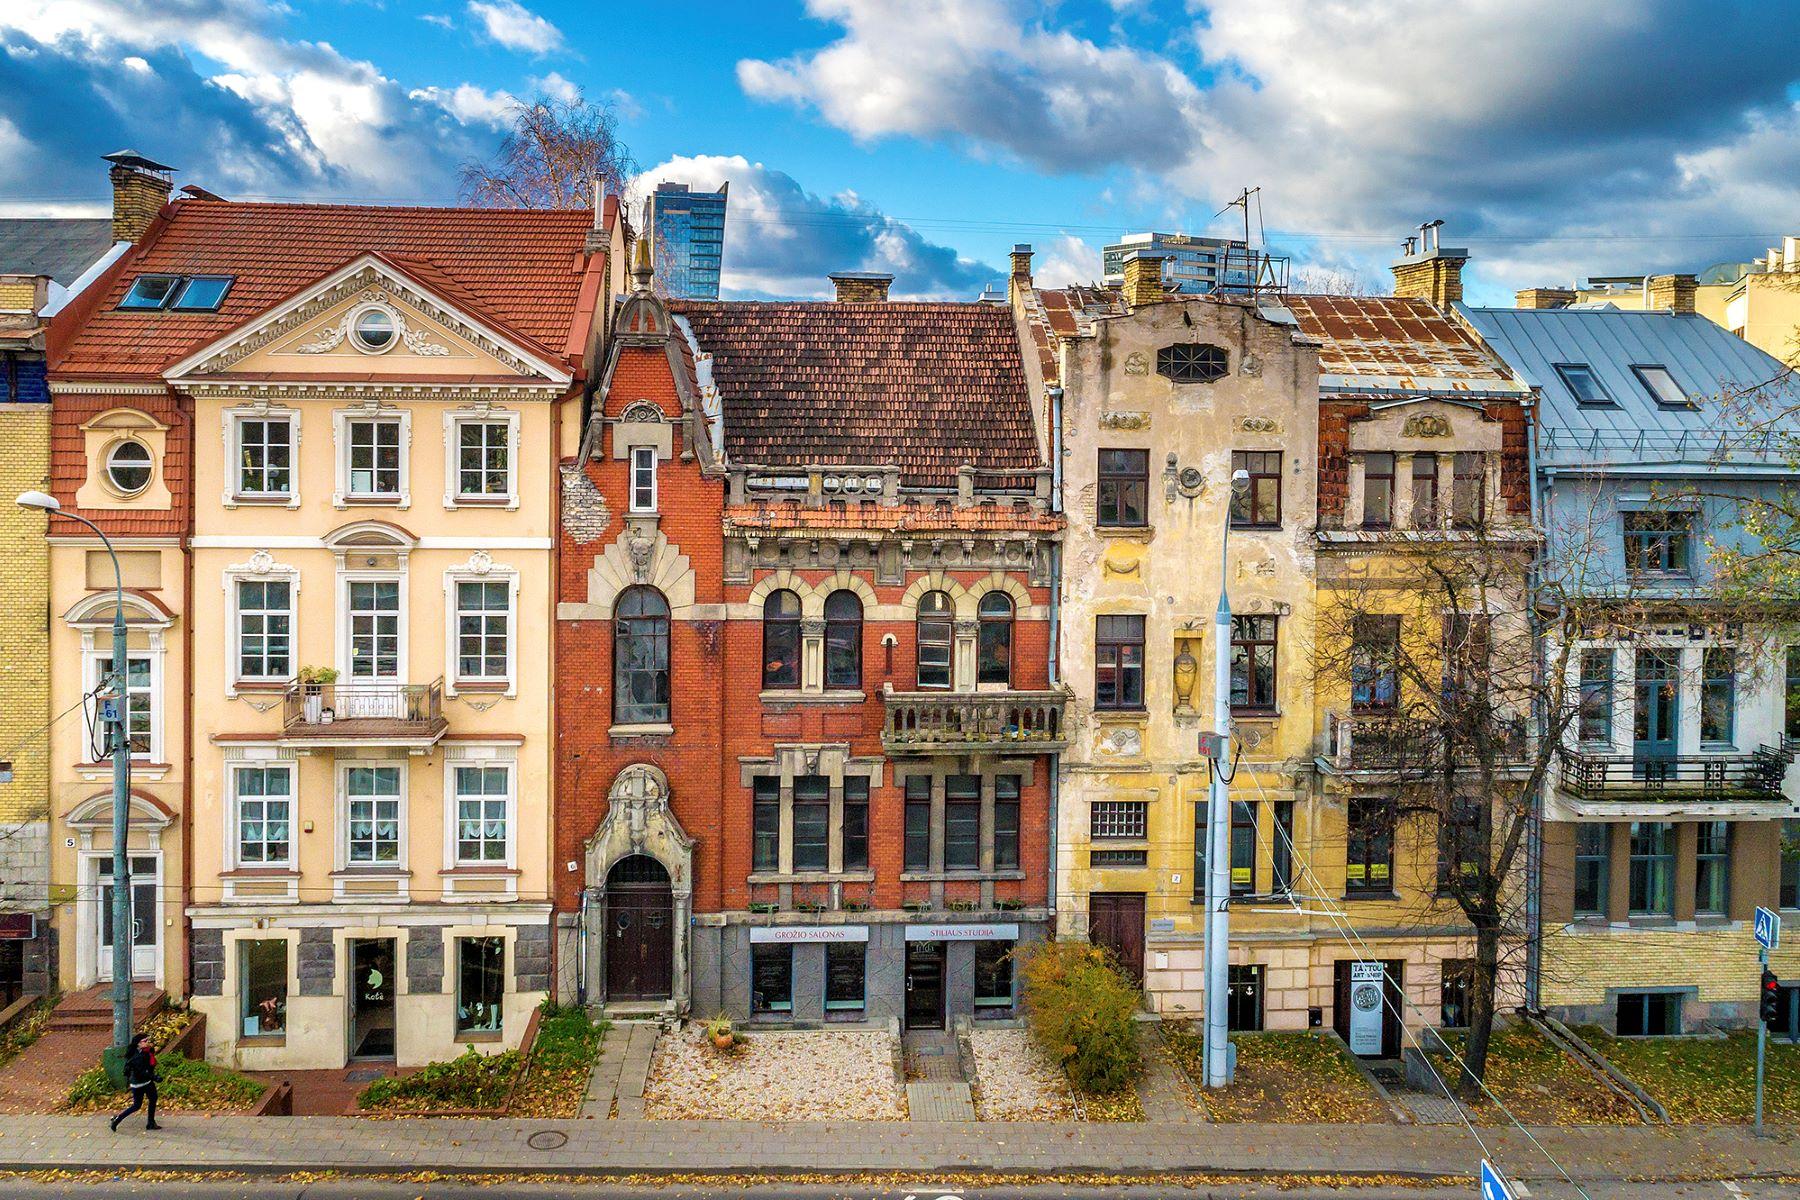 Single Family Home for Sale at Unique Town House In Vilnius Senamiestis, Vilnius, Vilnius County Lithuania